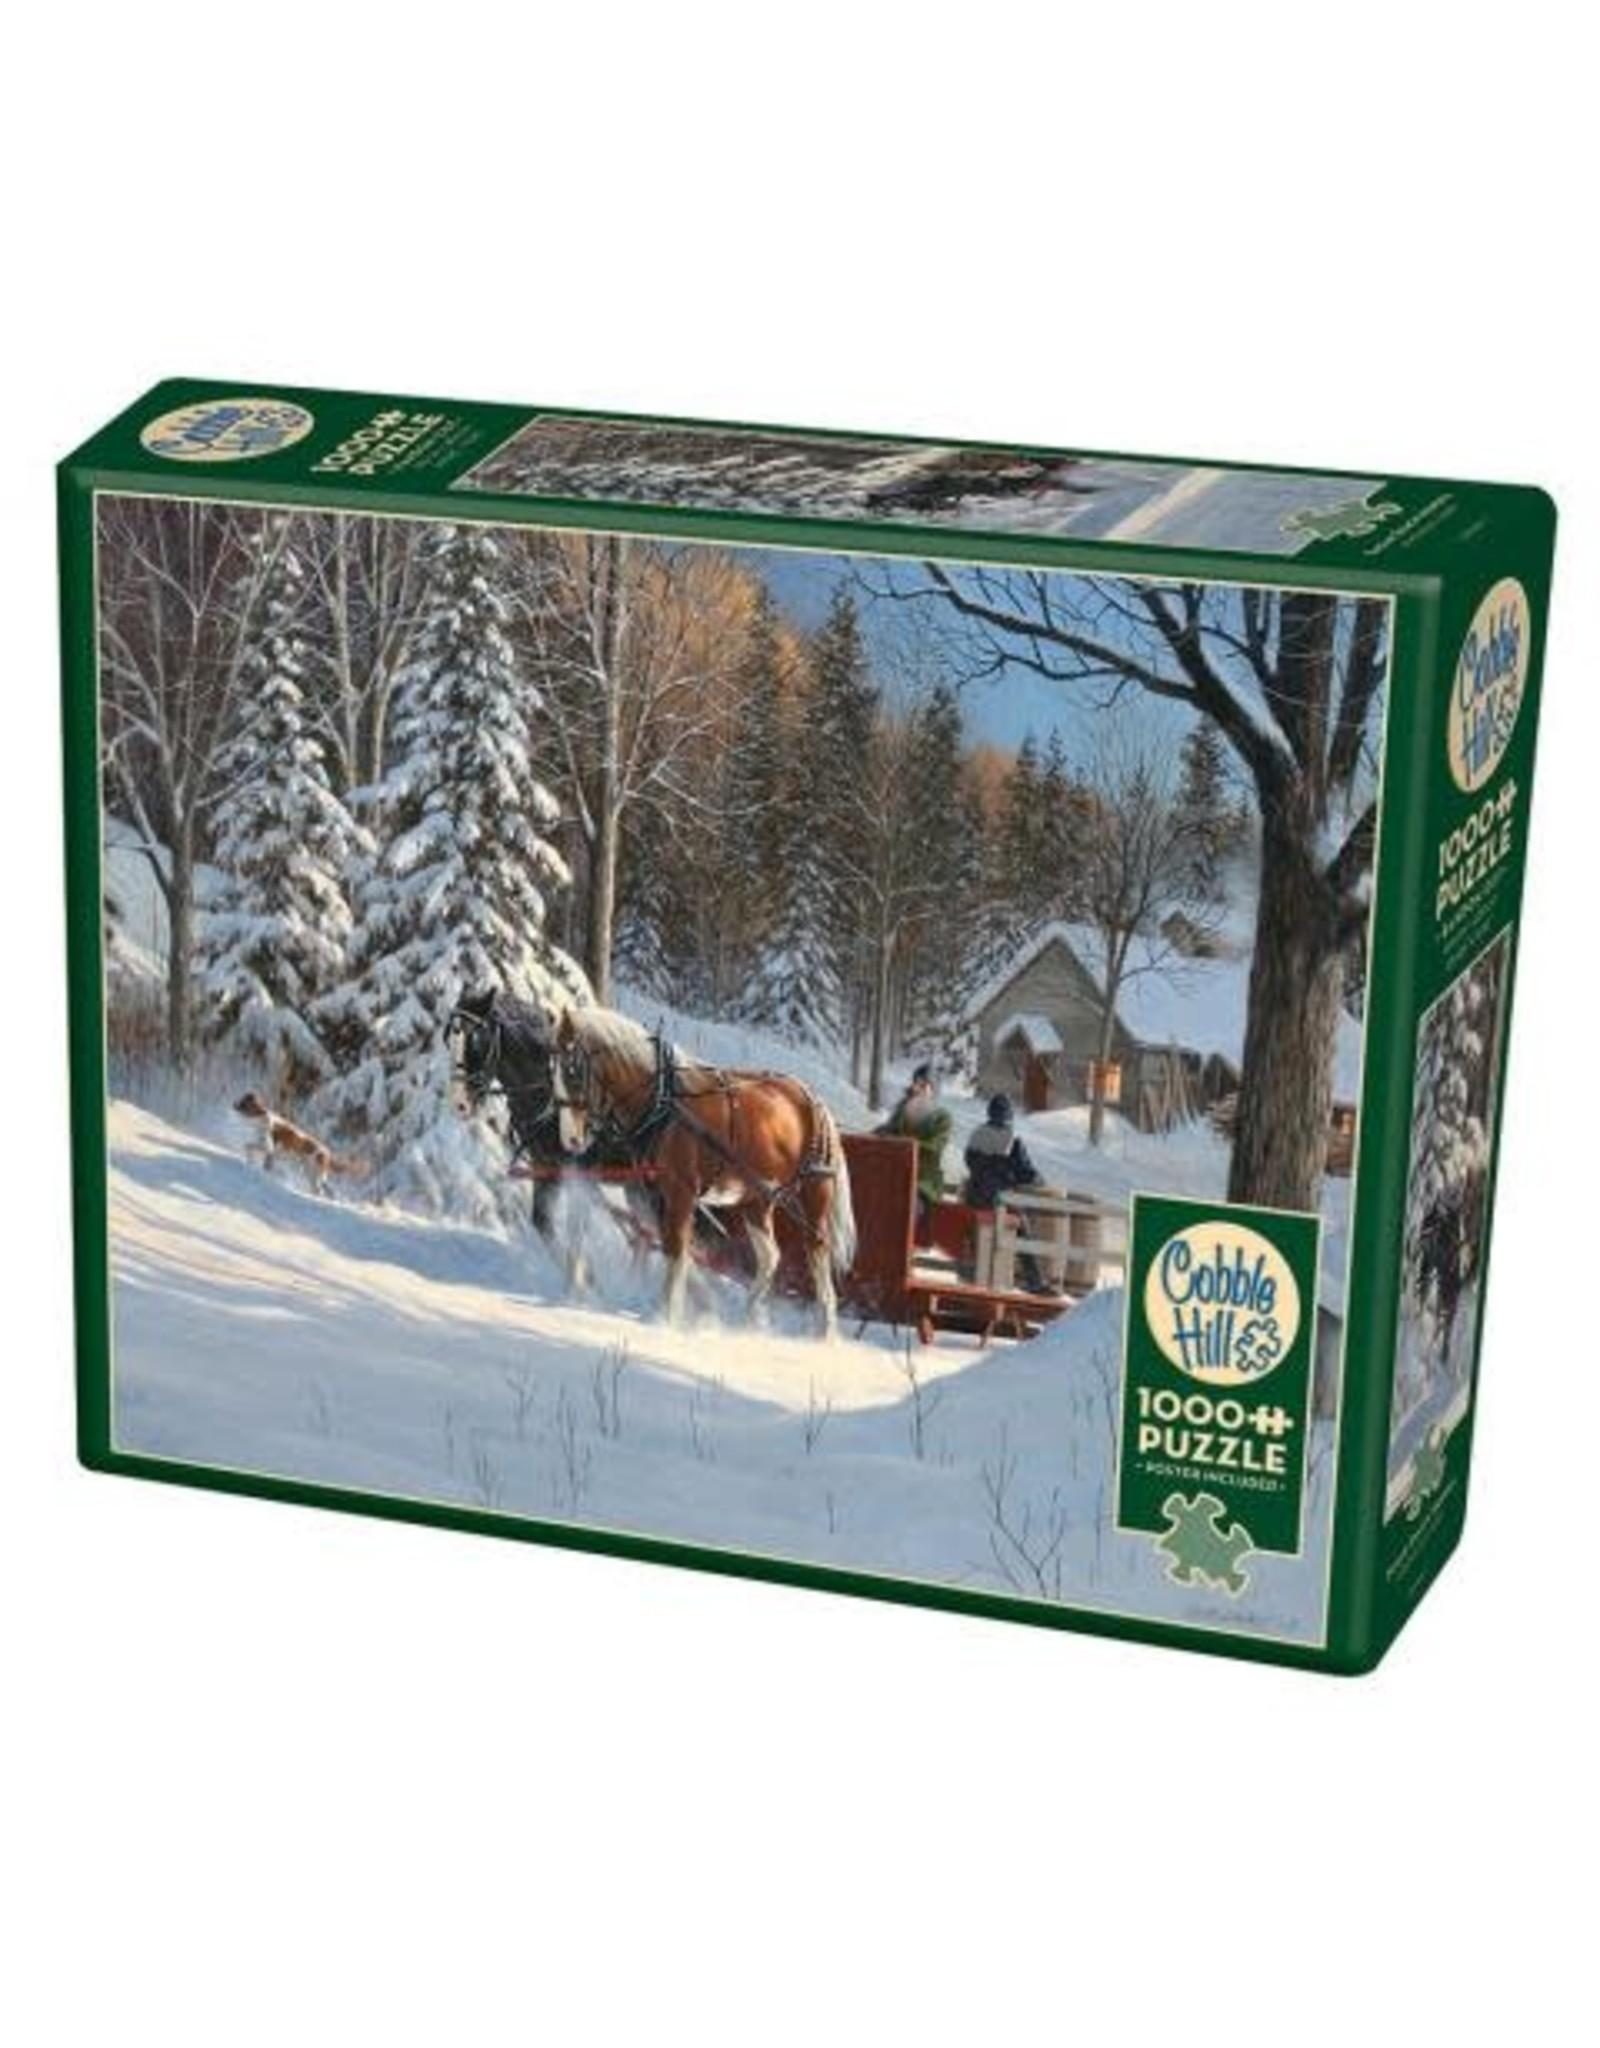 Cobble Hill Puzzles OM80067 Cobblehill Puzzle 1000pc Sugar Shack Horses